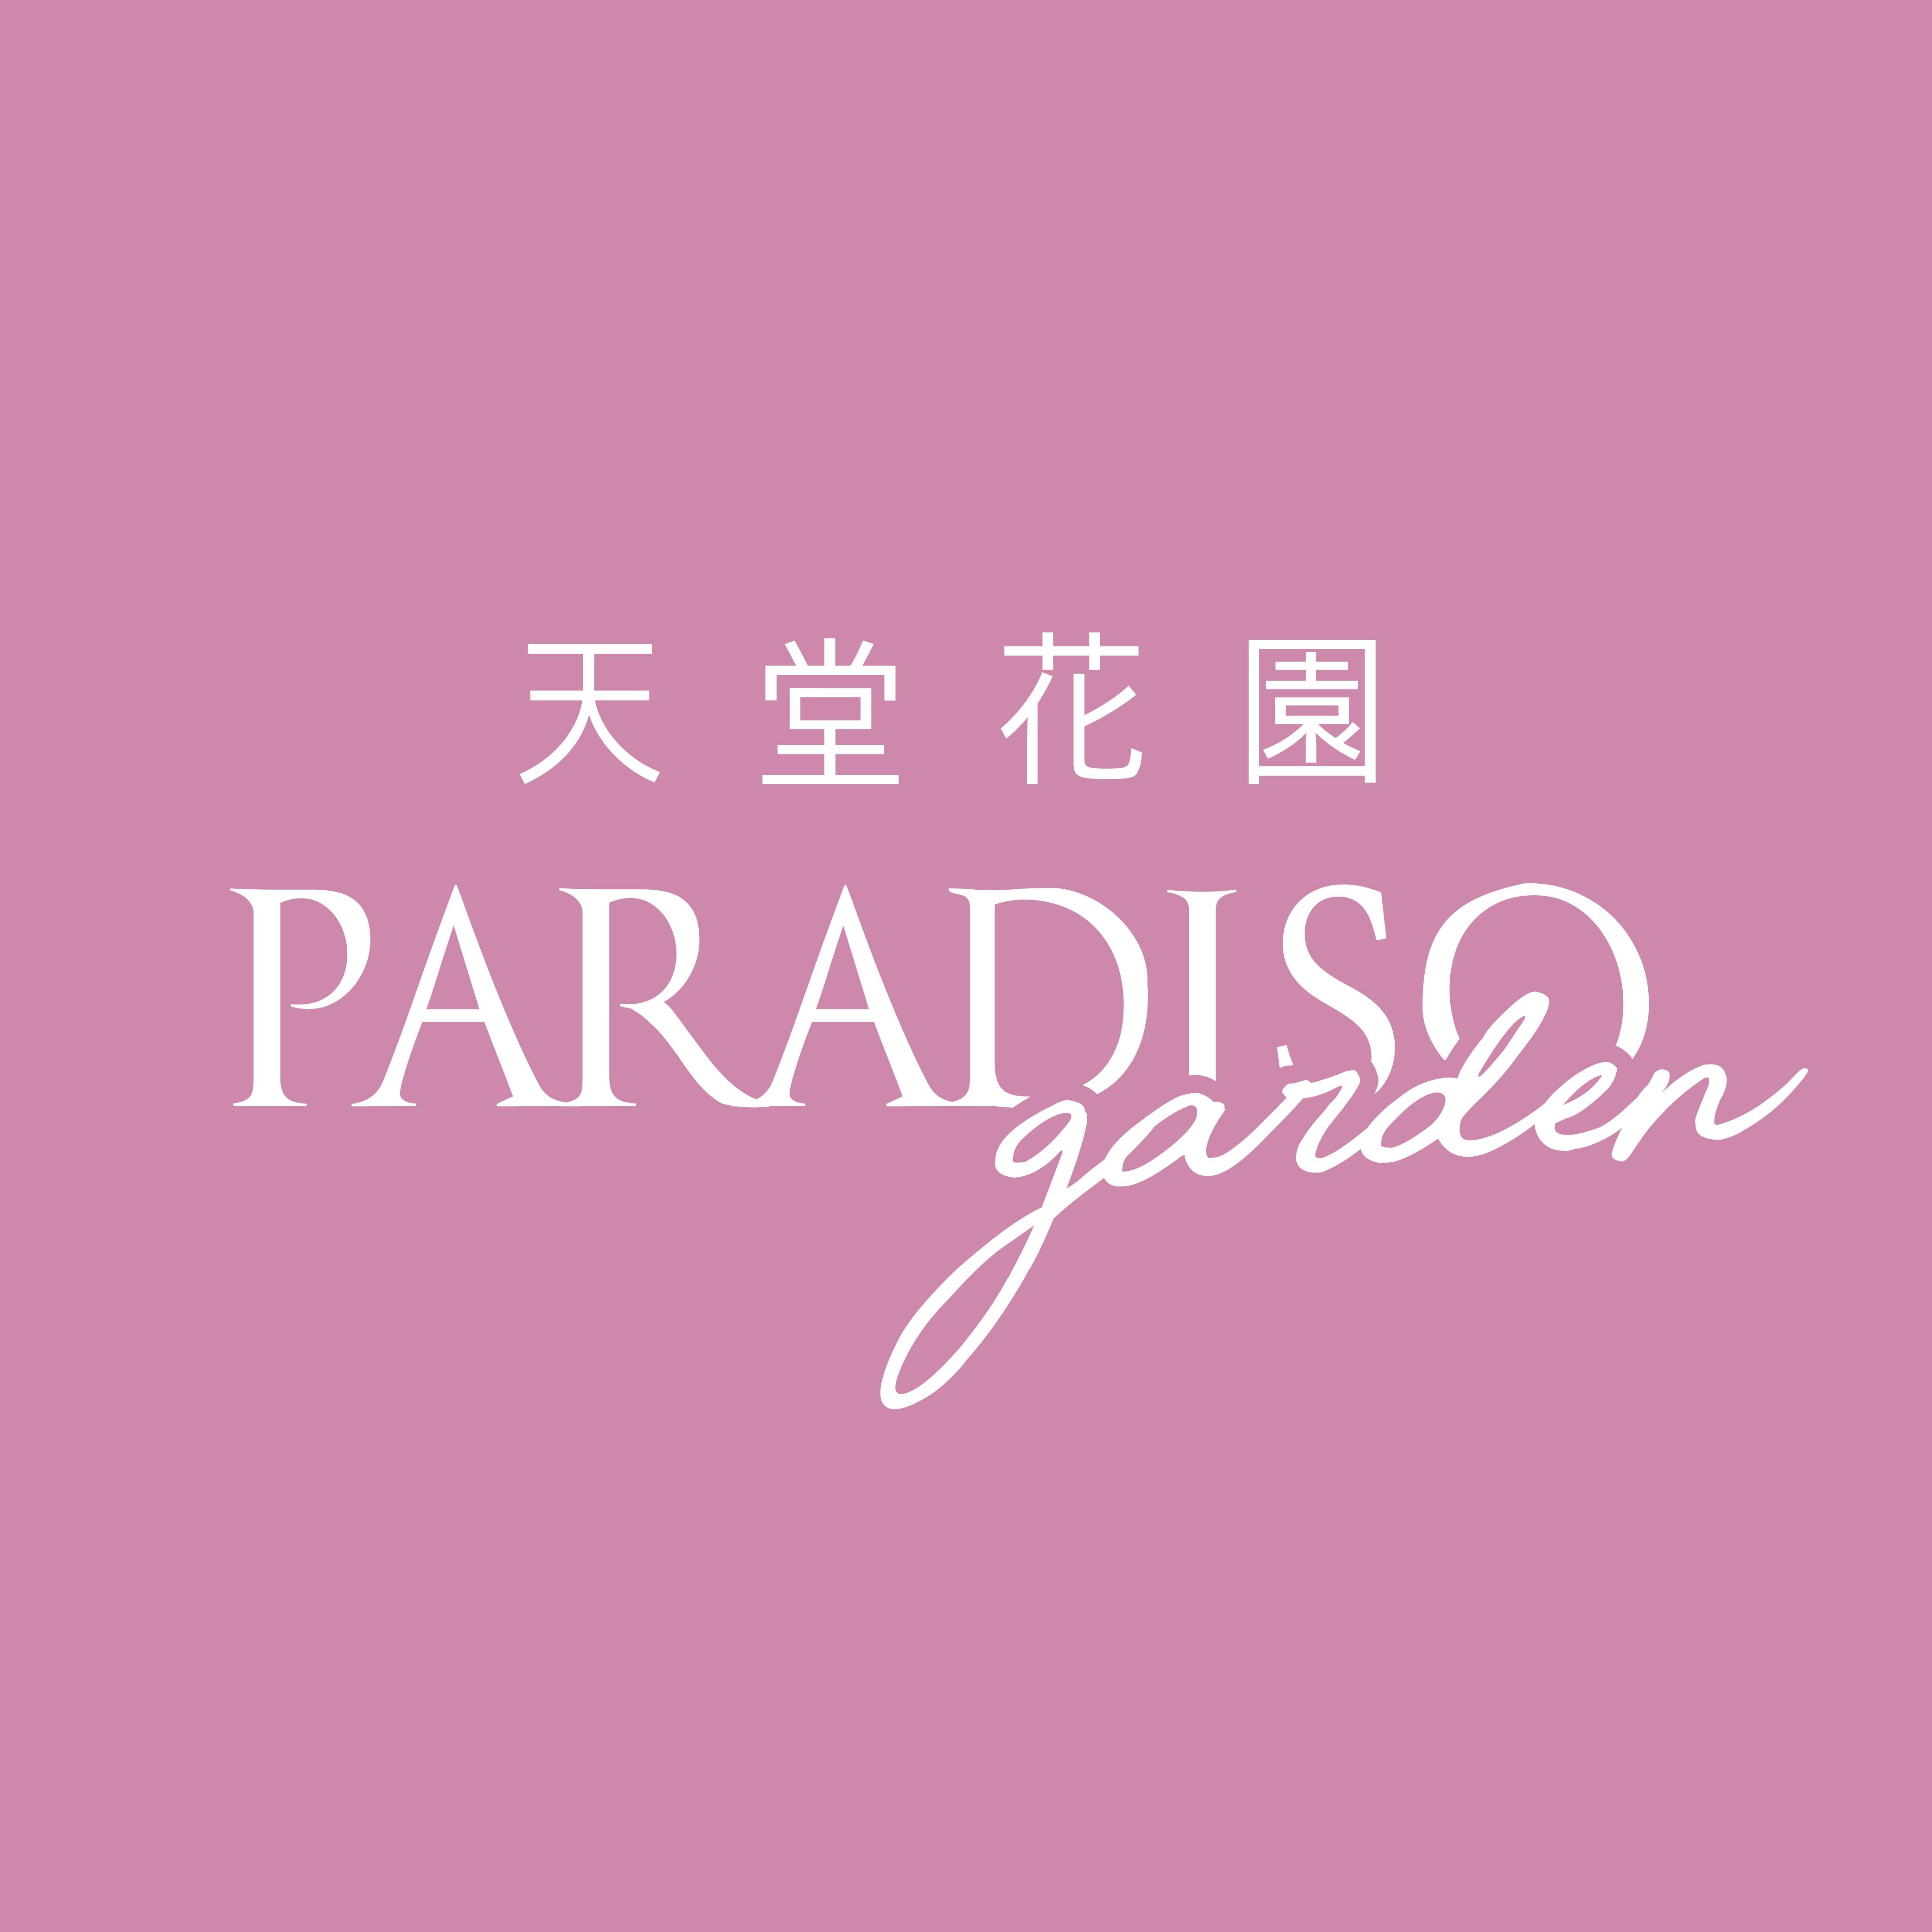 Paradiso Garden 天堂花園